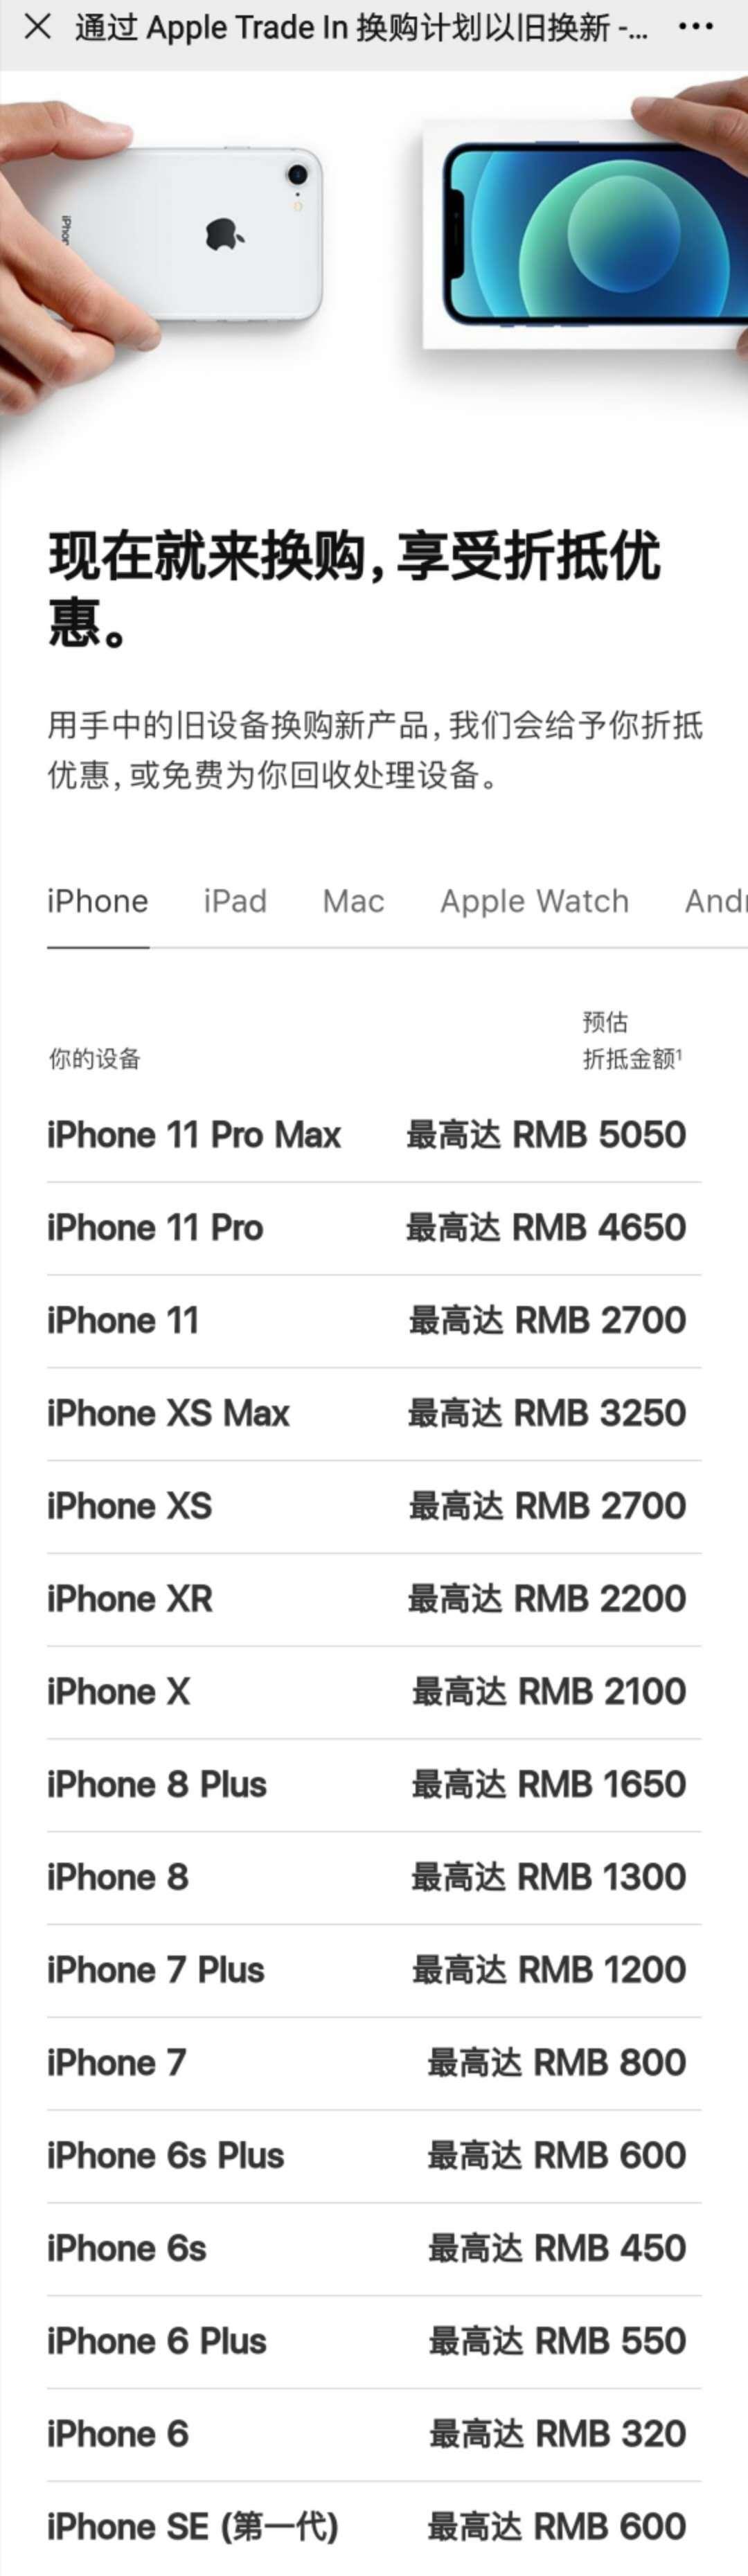 用旧手机换iPhone12?苹果官网更新旧手机回收价格,快看看你的手机能抵多少钱?